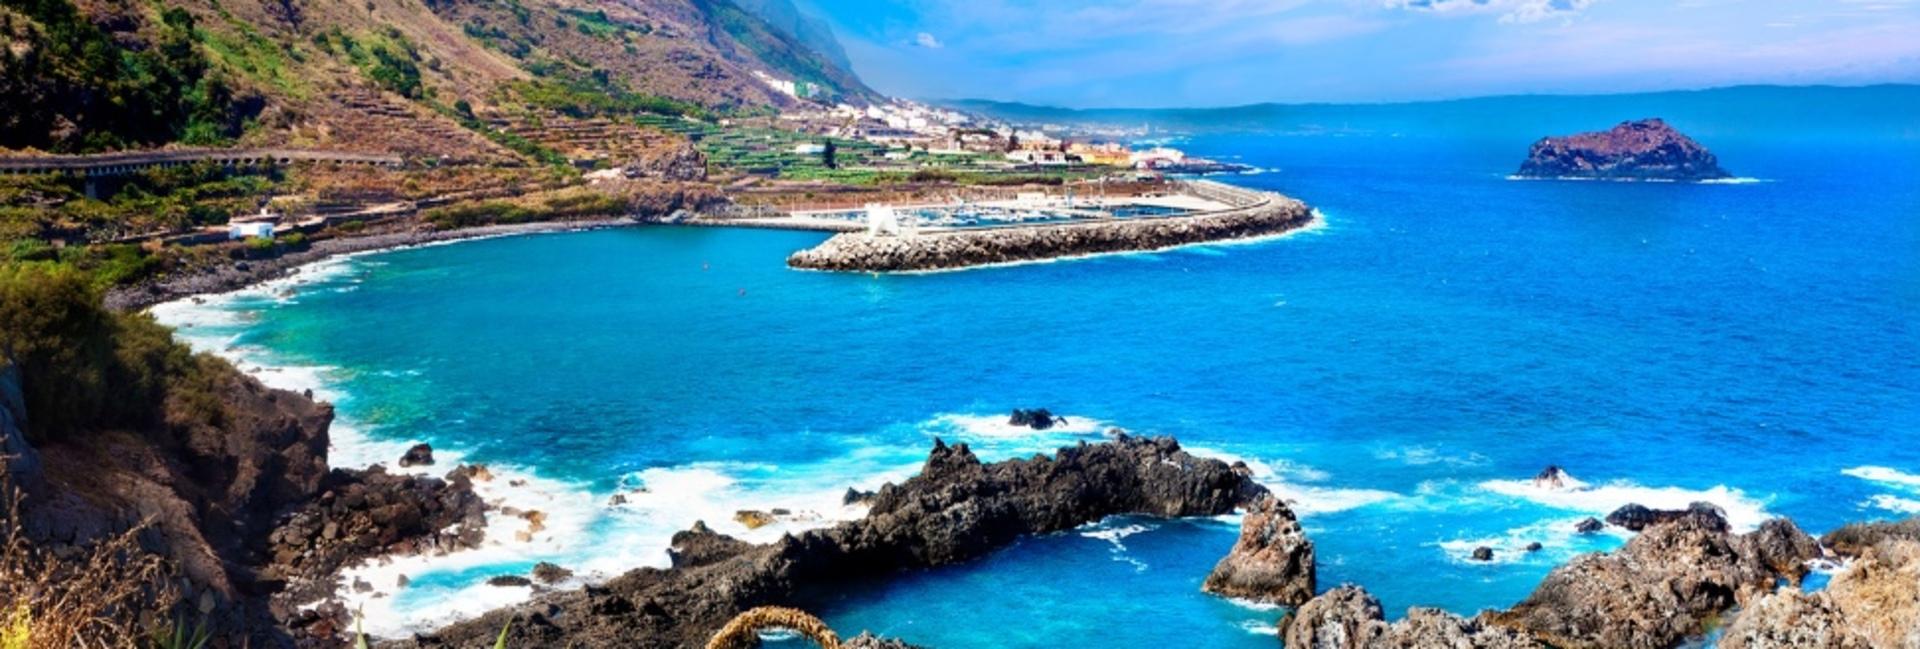 Raj na ziemi - Wyspy Kanaryjskie w pełnej okazałości